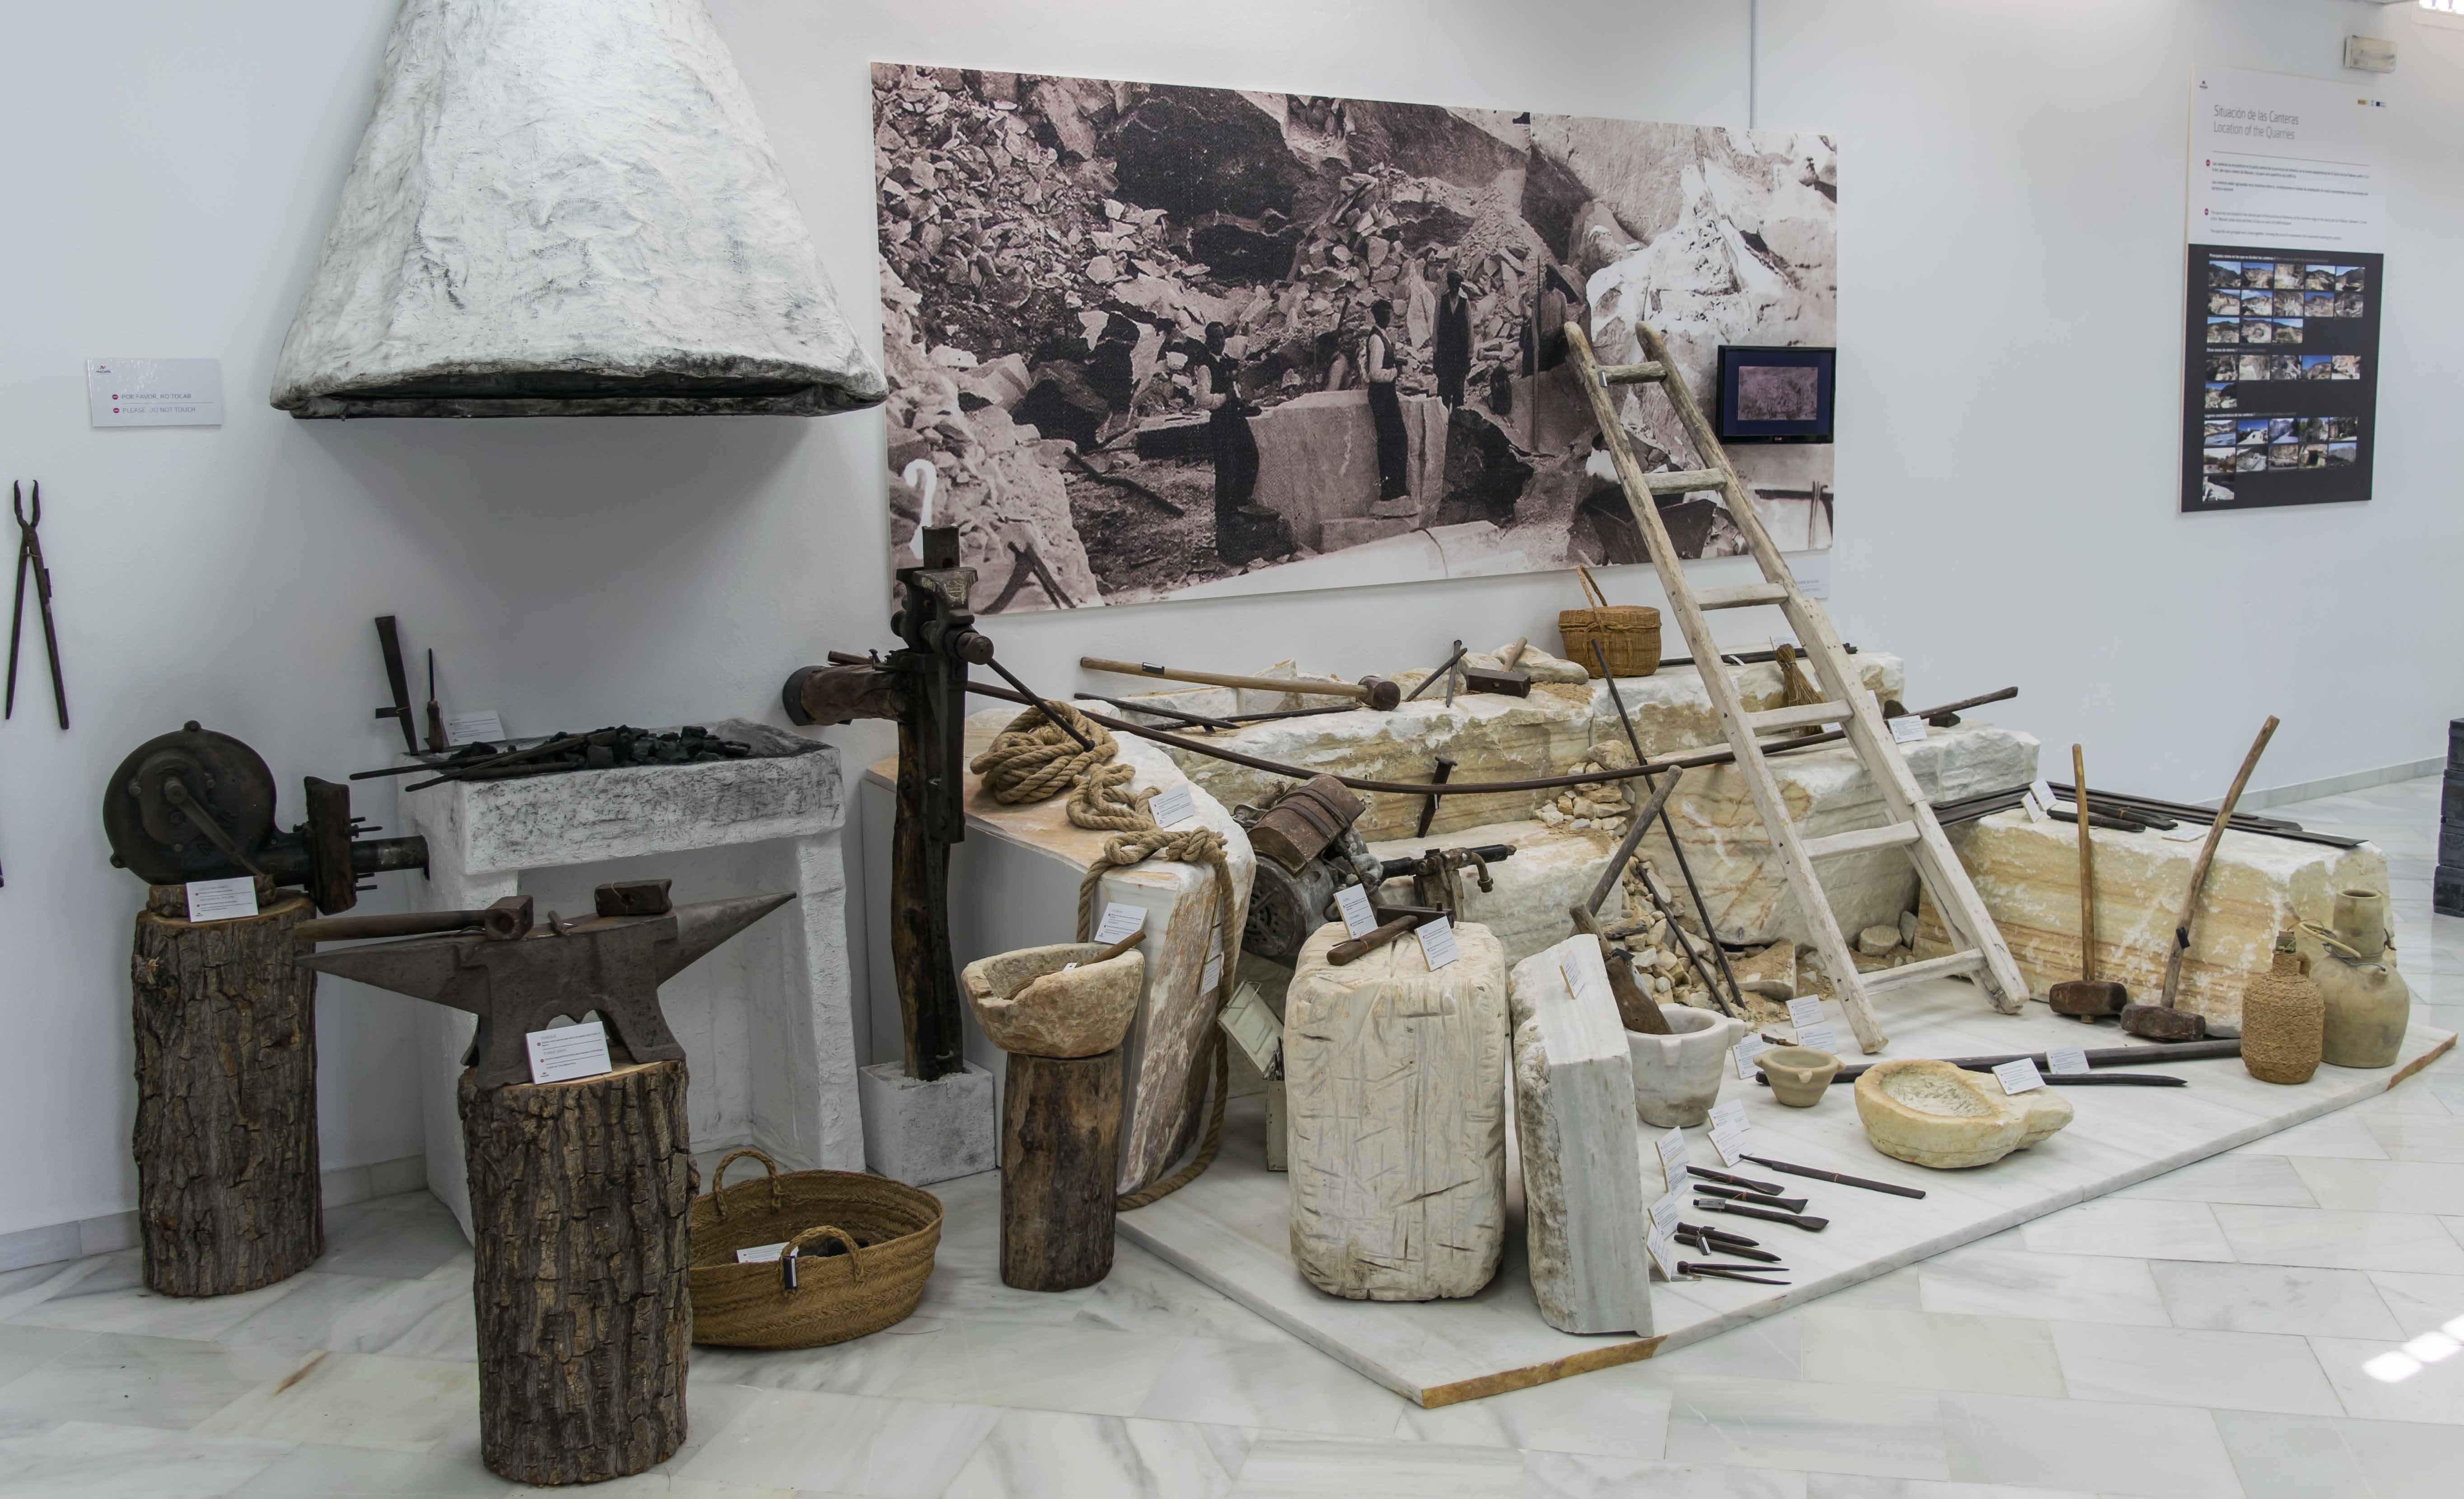 Detalle de una sala del Centro de Interpretación del Mármol en Macael. © Fotografía: Alfonso Ruiz